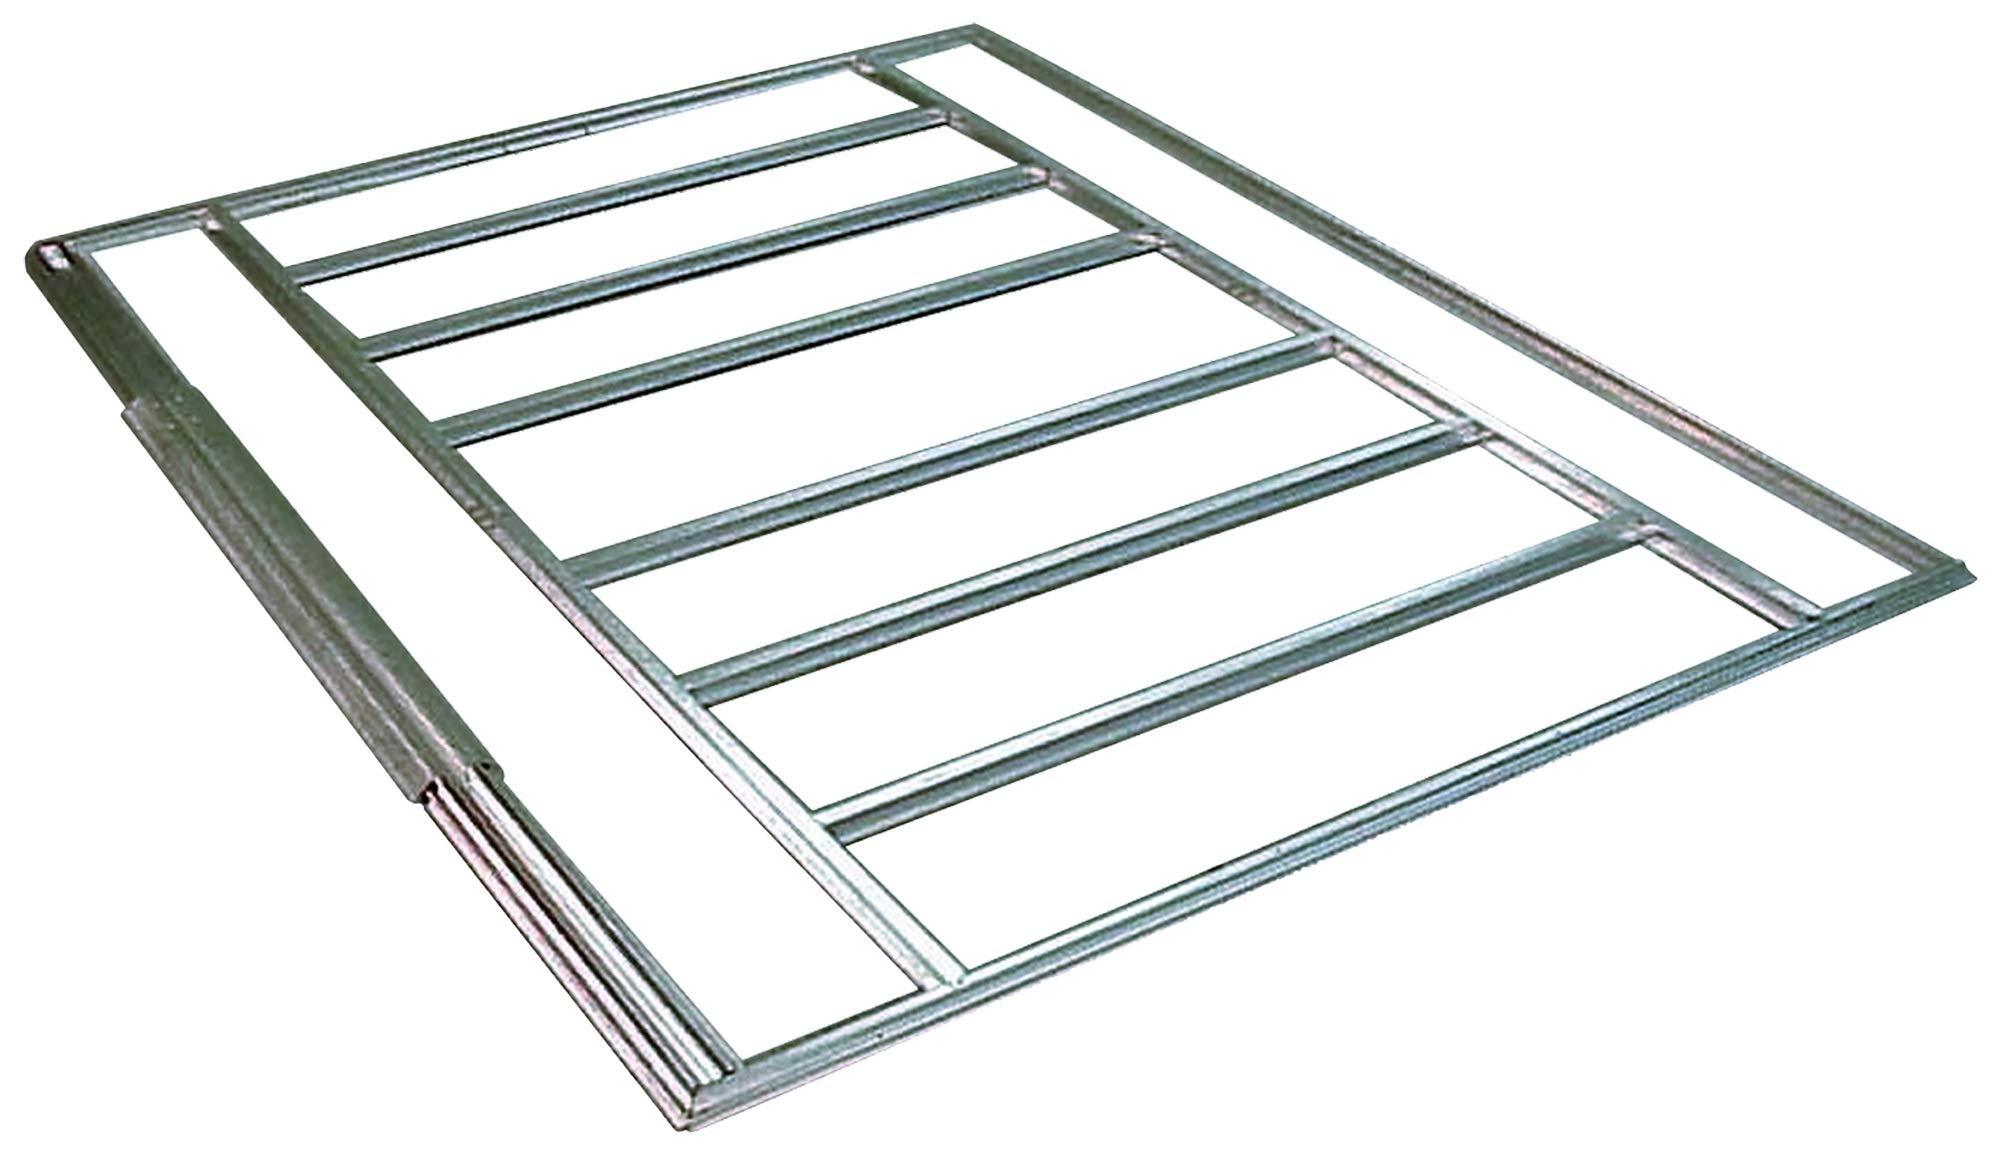 Arrow Sheds FB1014  Floor Frame Kit for 10'x11', 10'x12', 10'x13' & 10'x14' Arrow Sheds by Arrow Shed